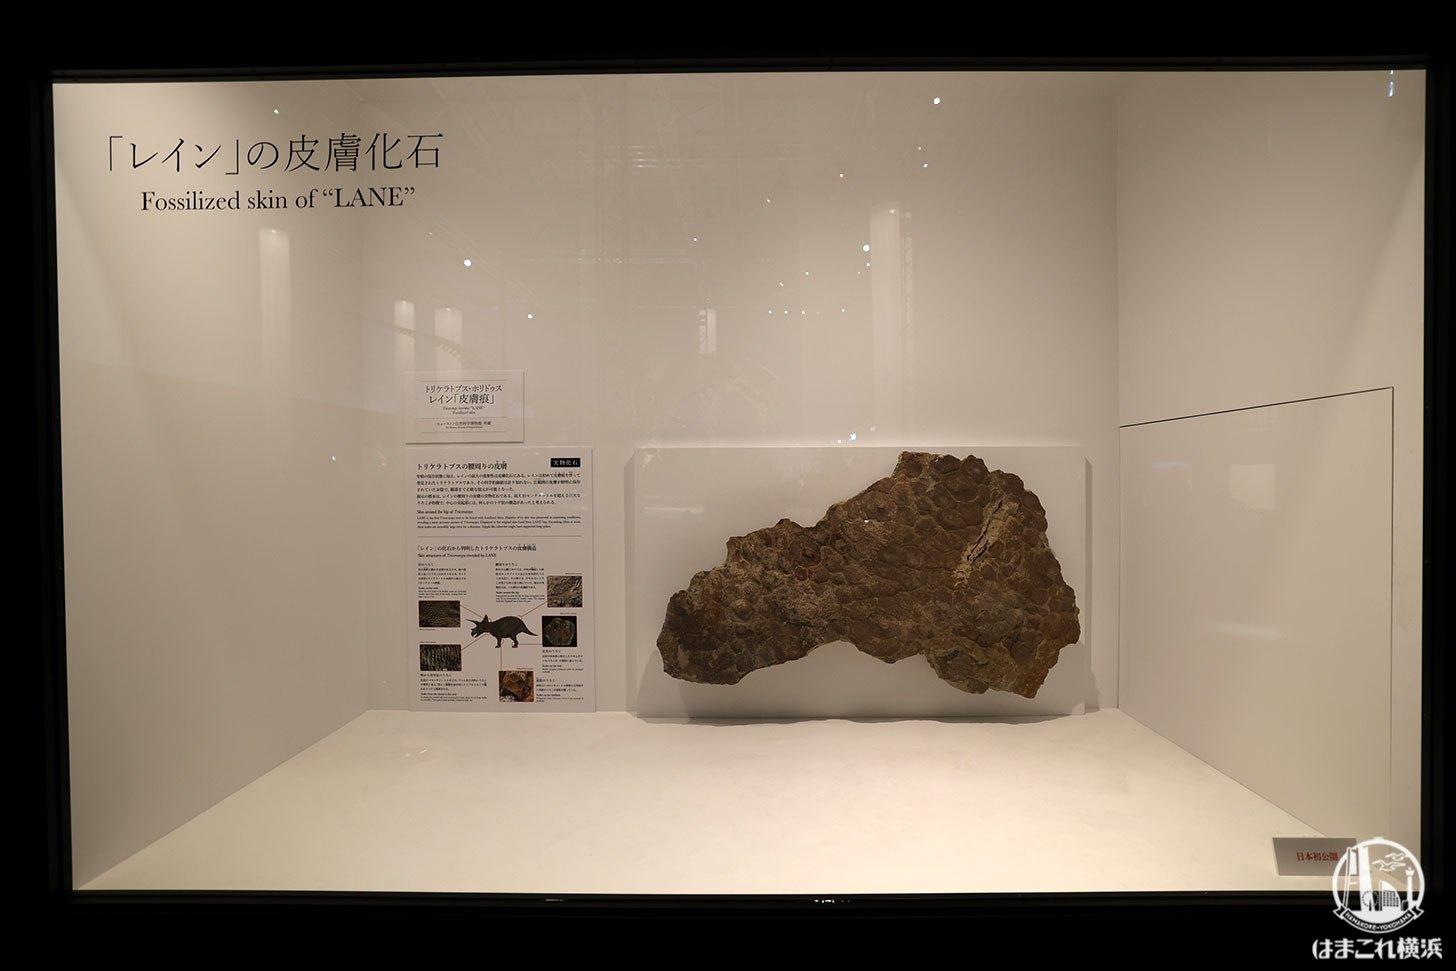 レインの皮膚化石